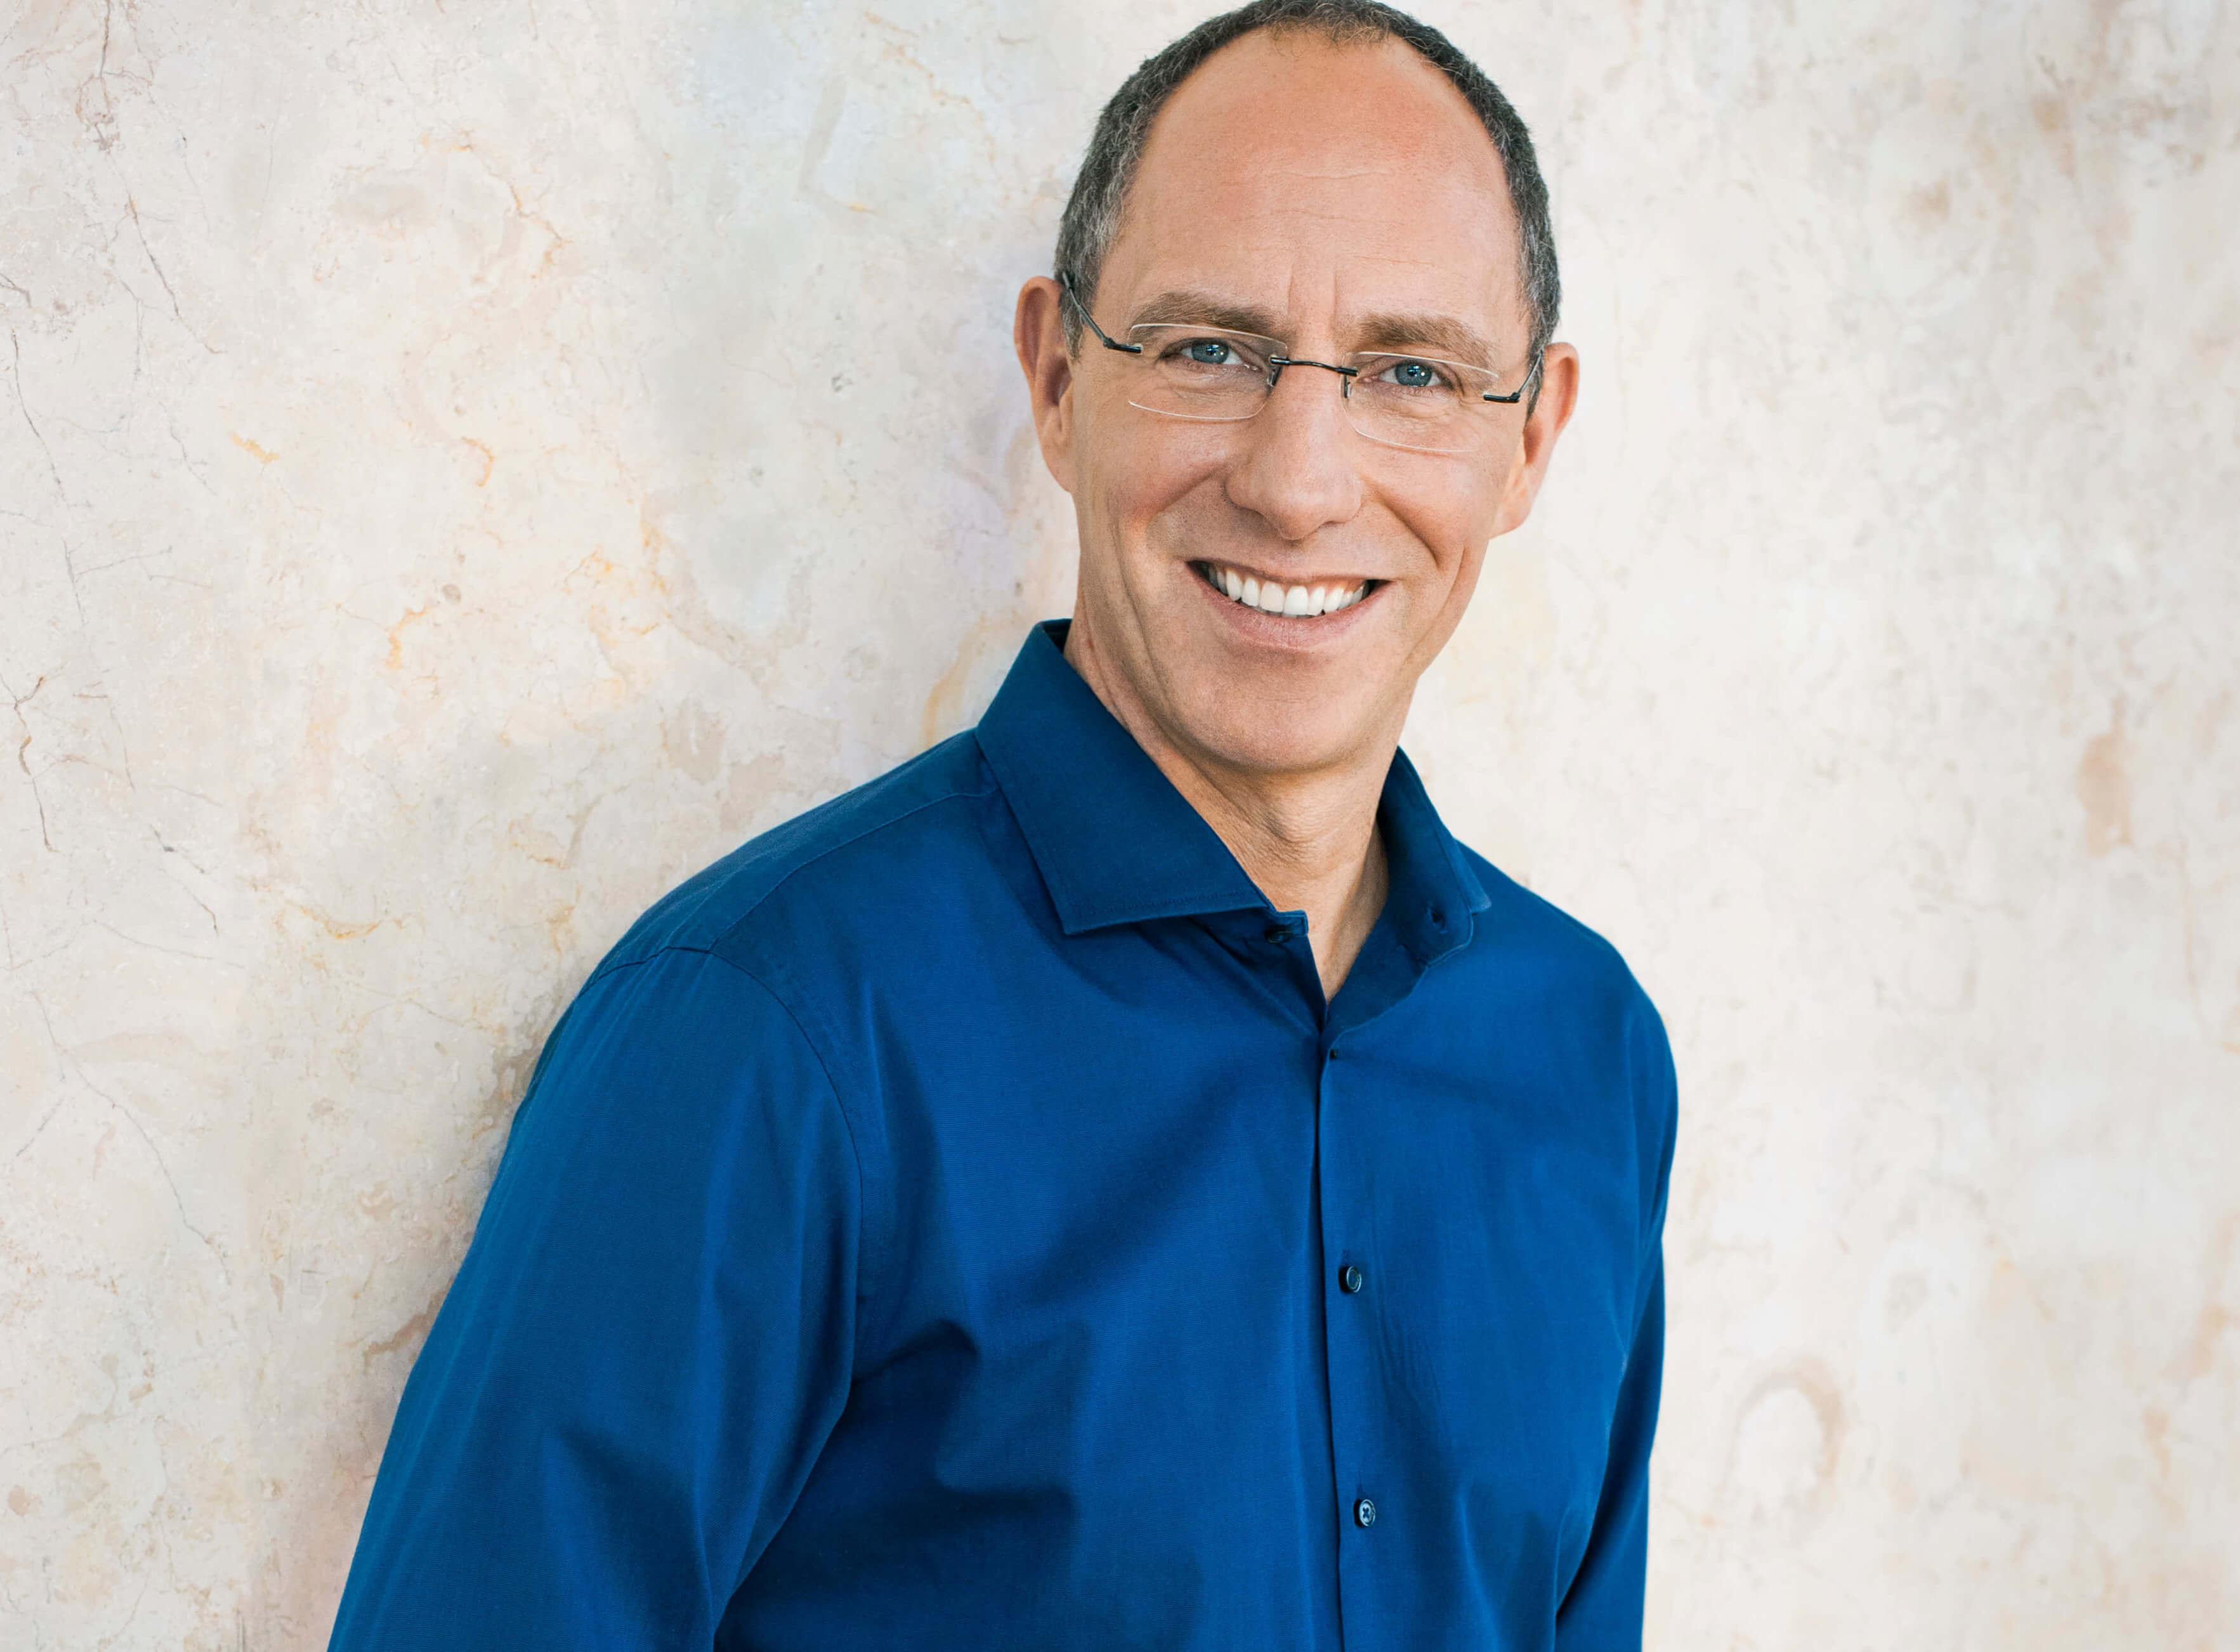 Profilfoto von Thomas Ranft der Redneragentur PODIUM | Vorstellung als Redner